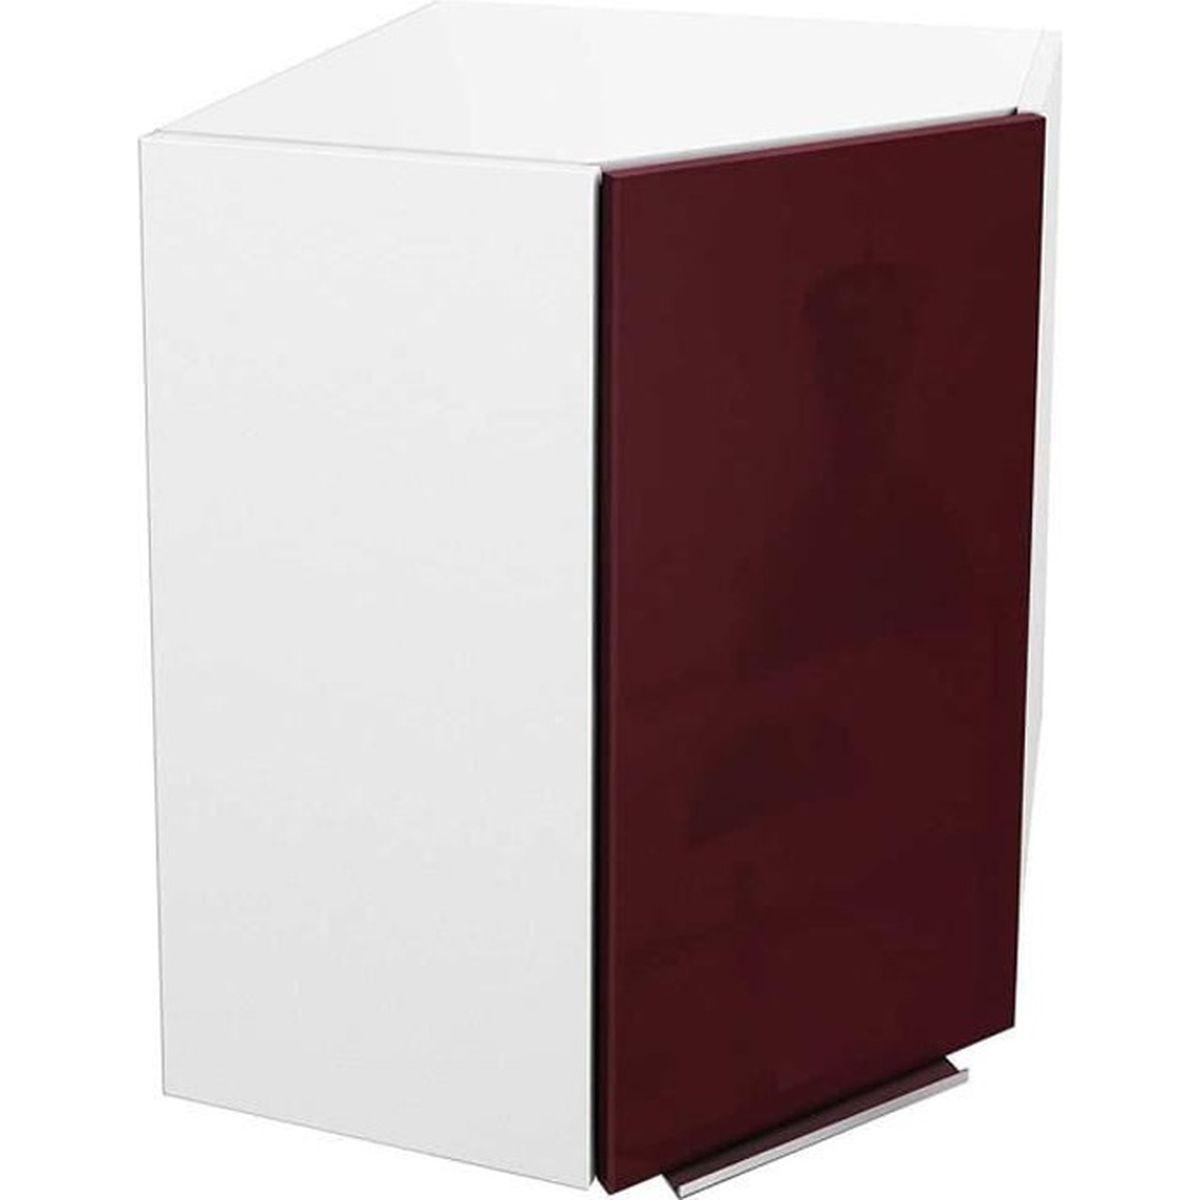 Cuisine Gris Et Bordeaux meuble de cuisine angle haut - 58cm - bordeaux - Élément